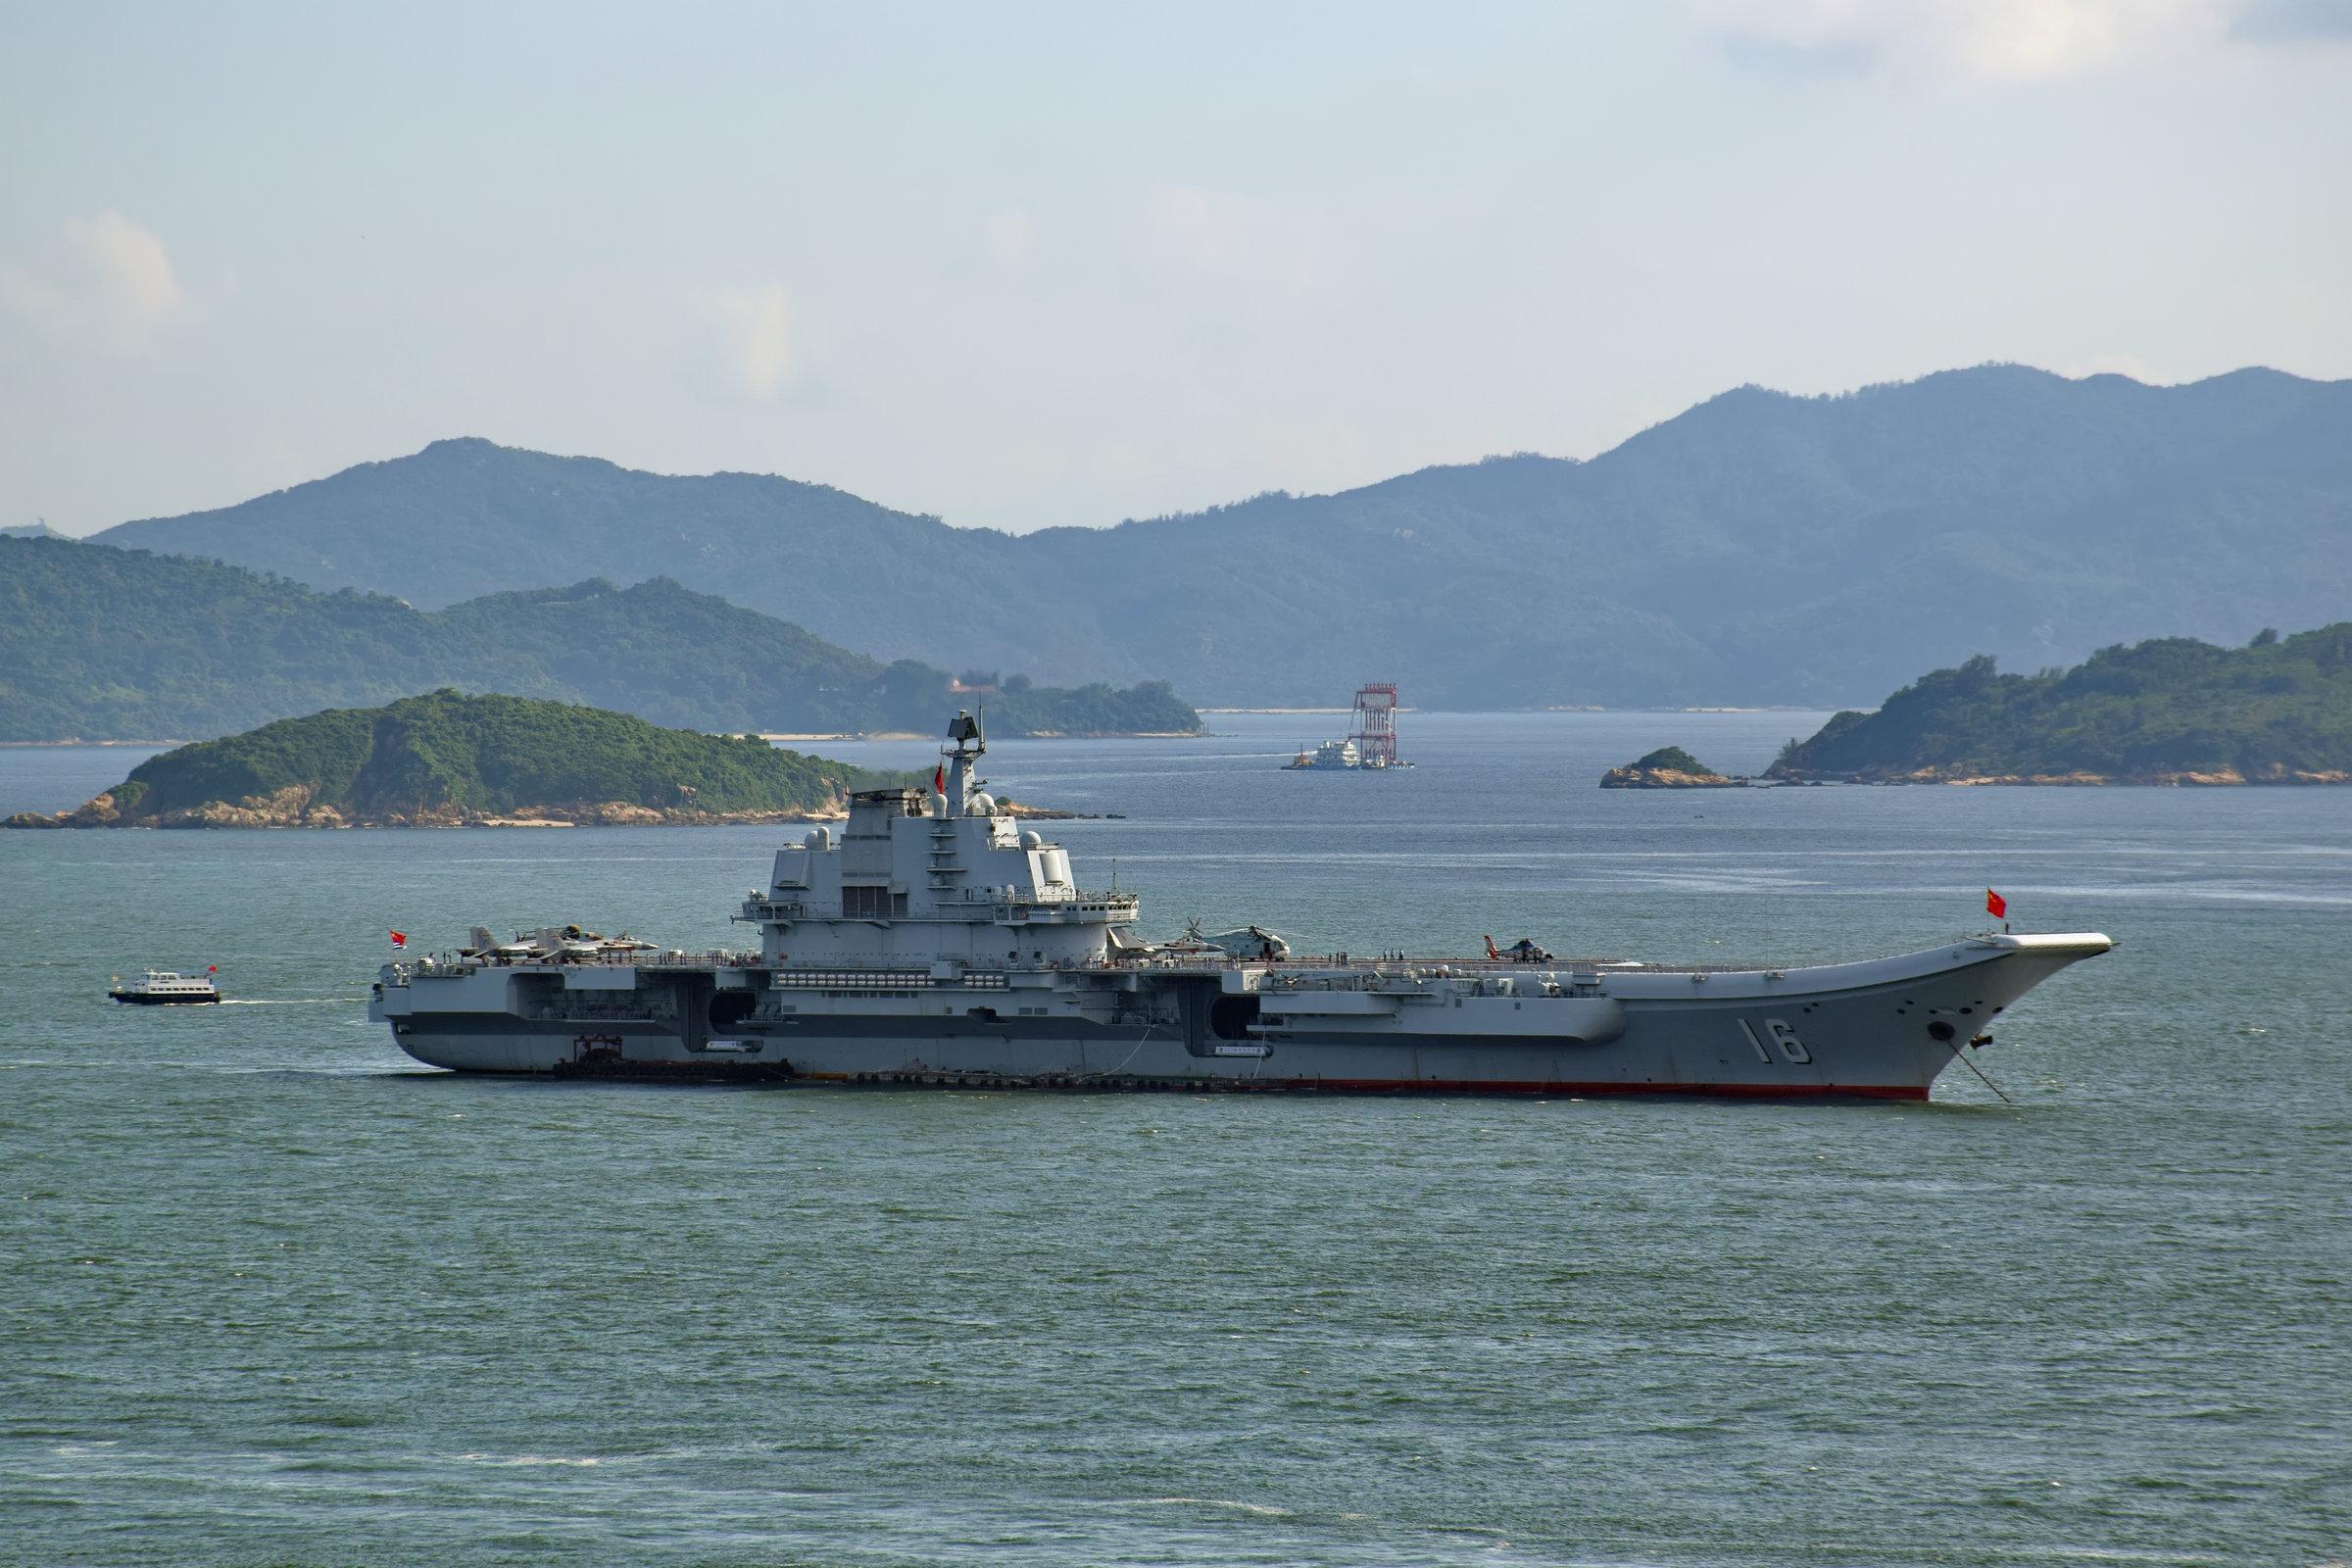 China ramping up military presence in South China Sea amid coronavirus crisis